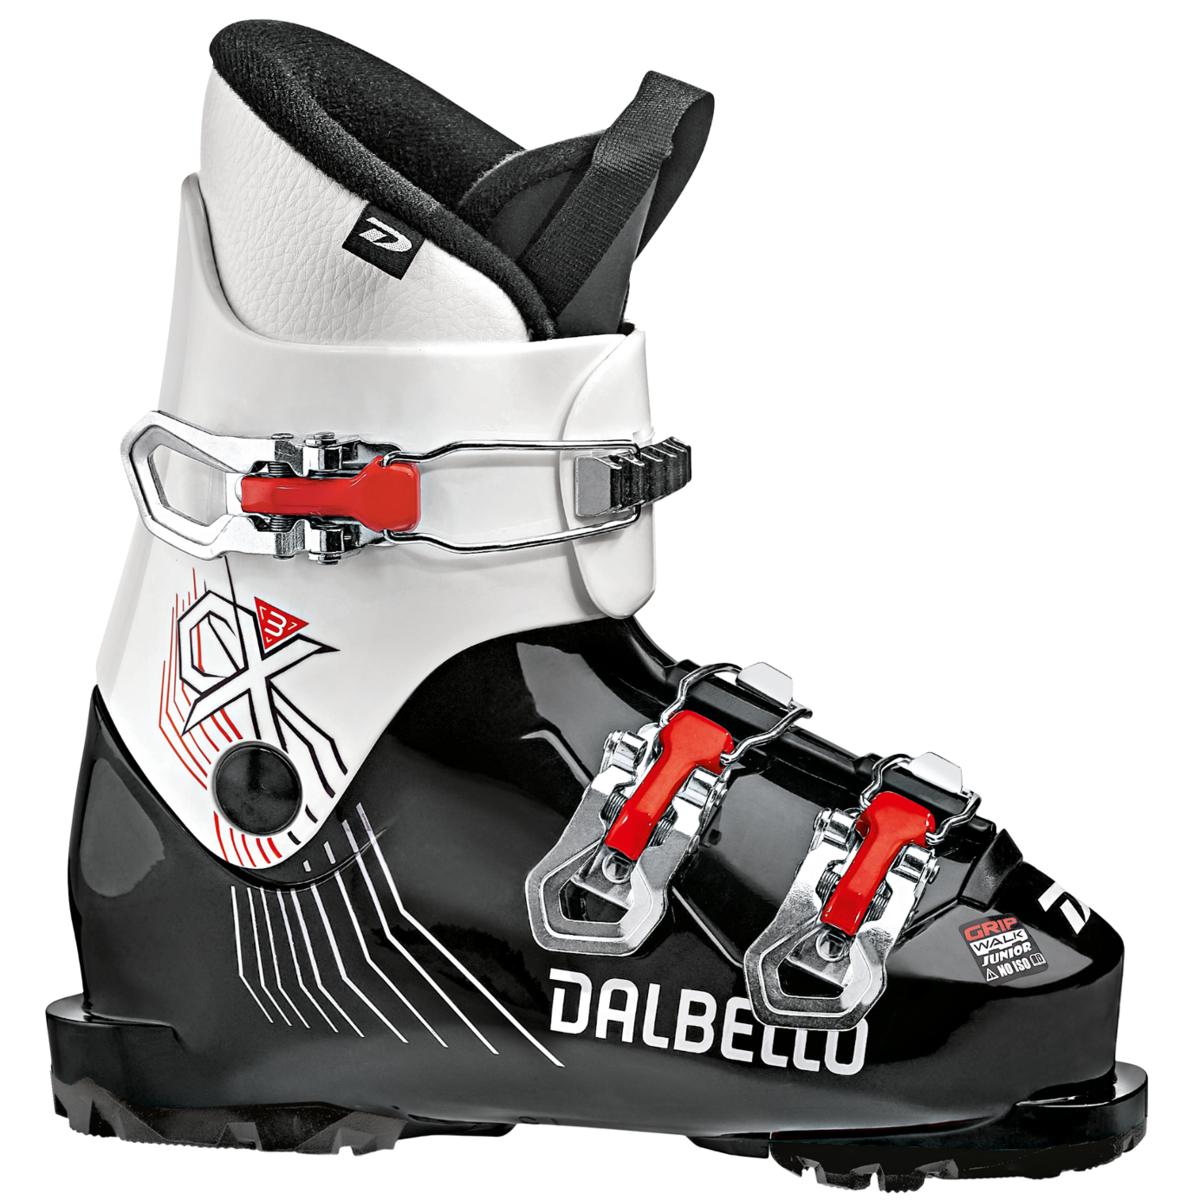 Dalbello Kinder CX 3.0 Skistiefel Schwarz 36, 37